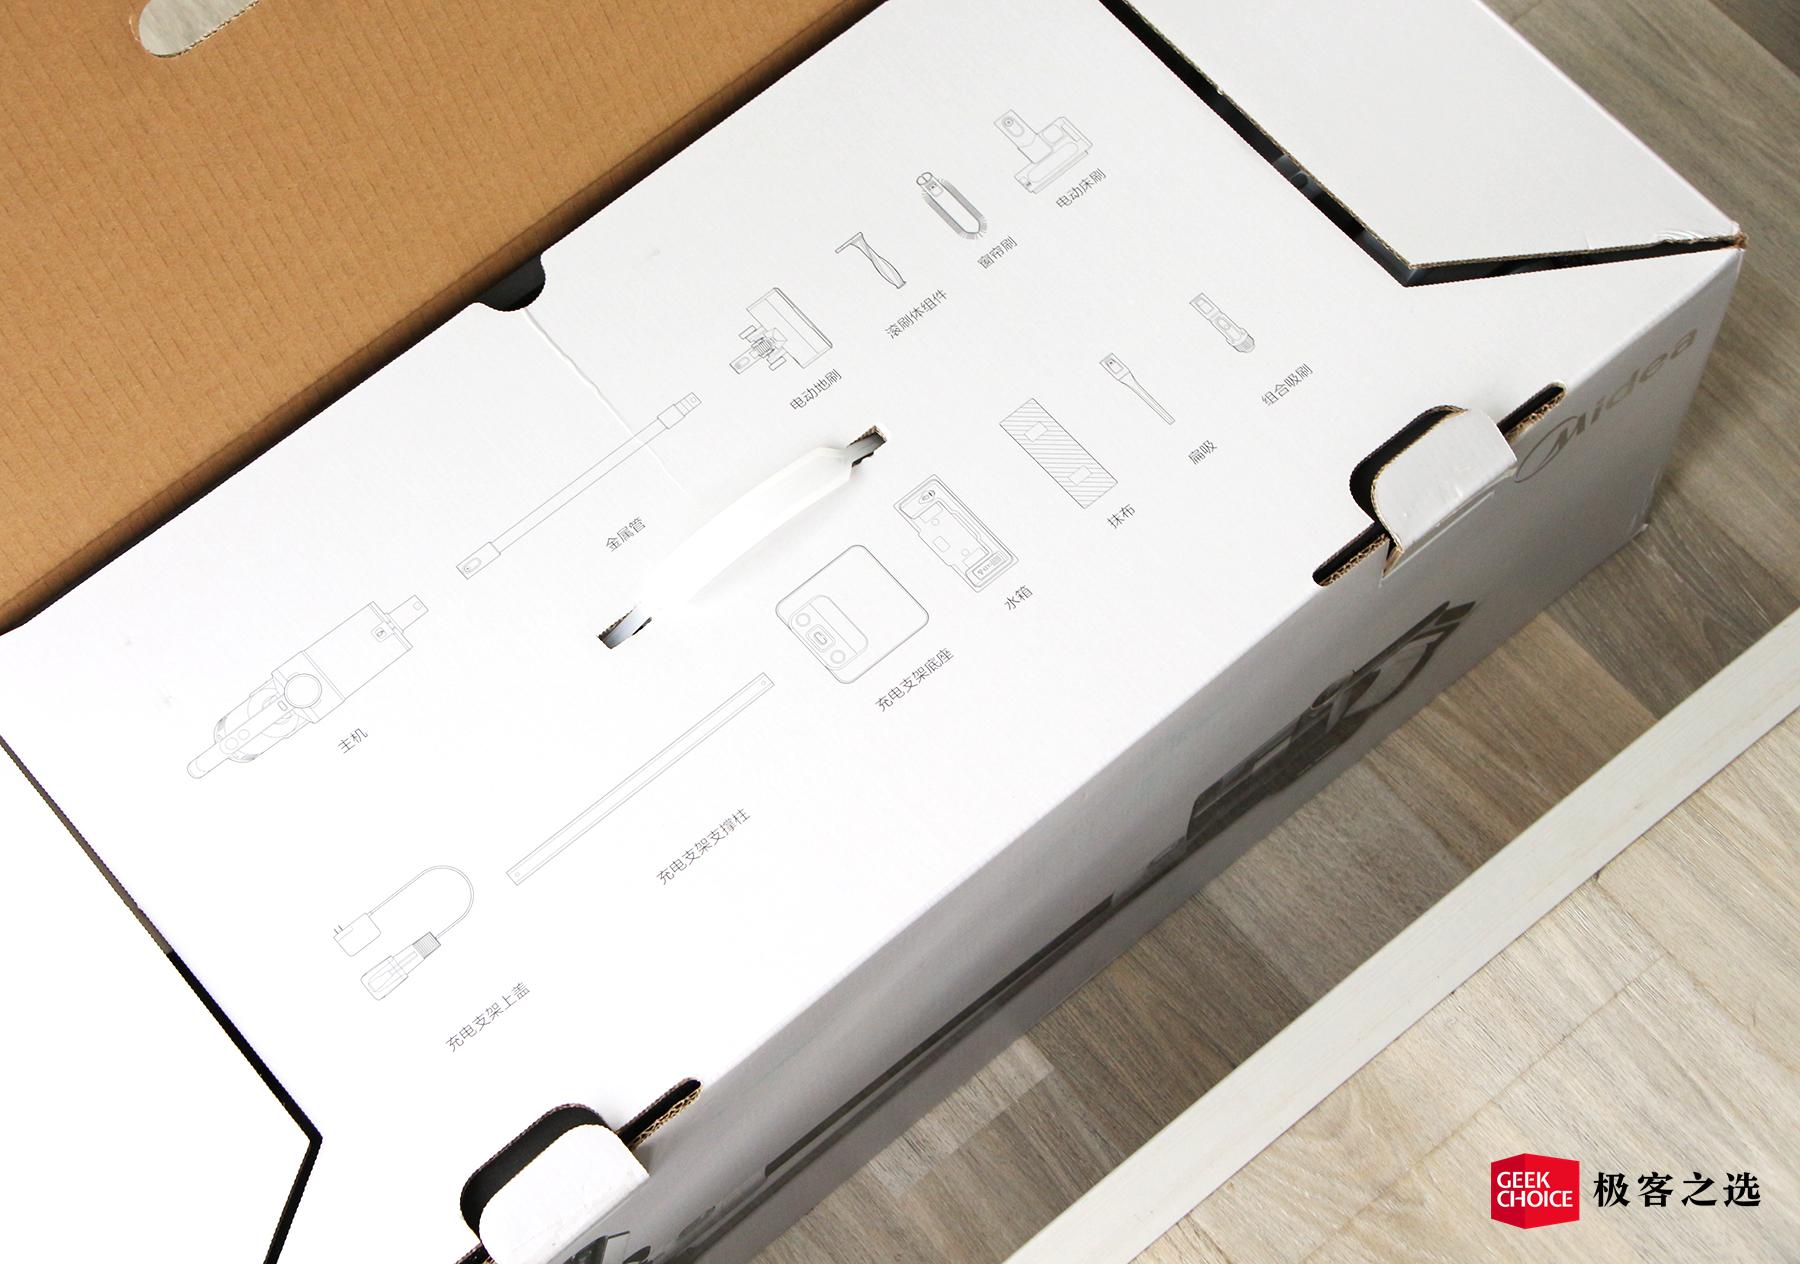 美的智能吸尘器 Z7 体三升体育网站验:自研大吸力电机和长续